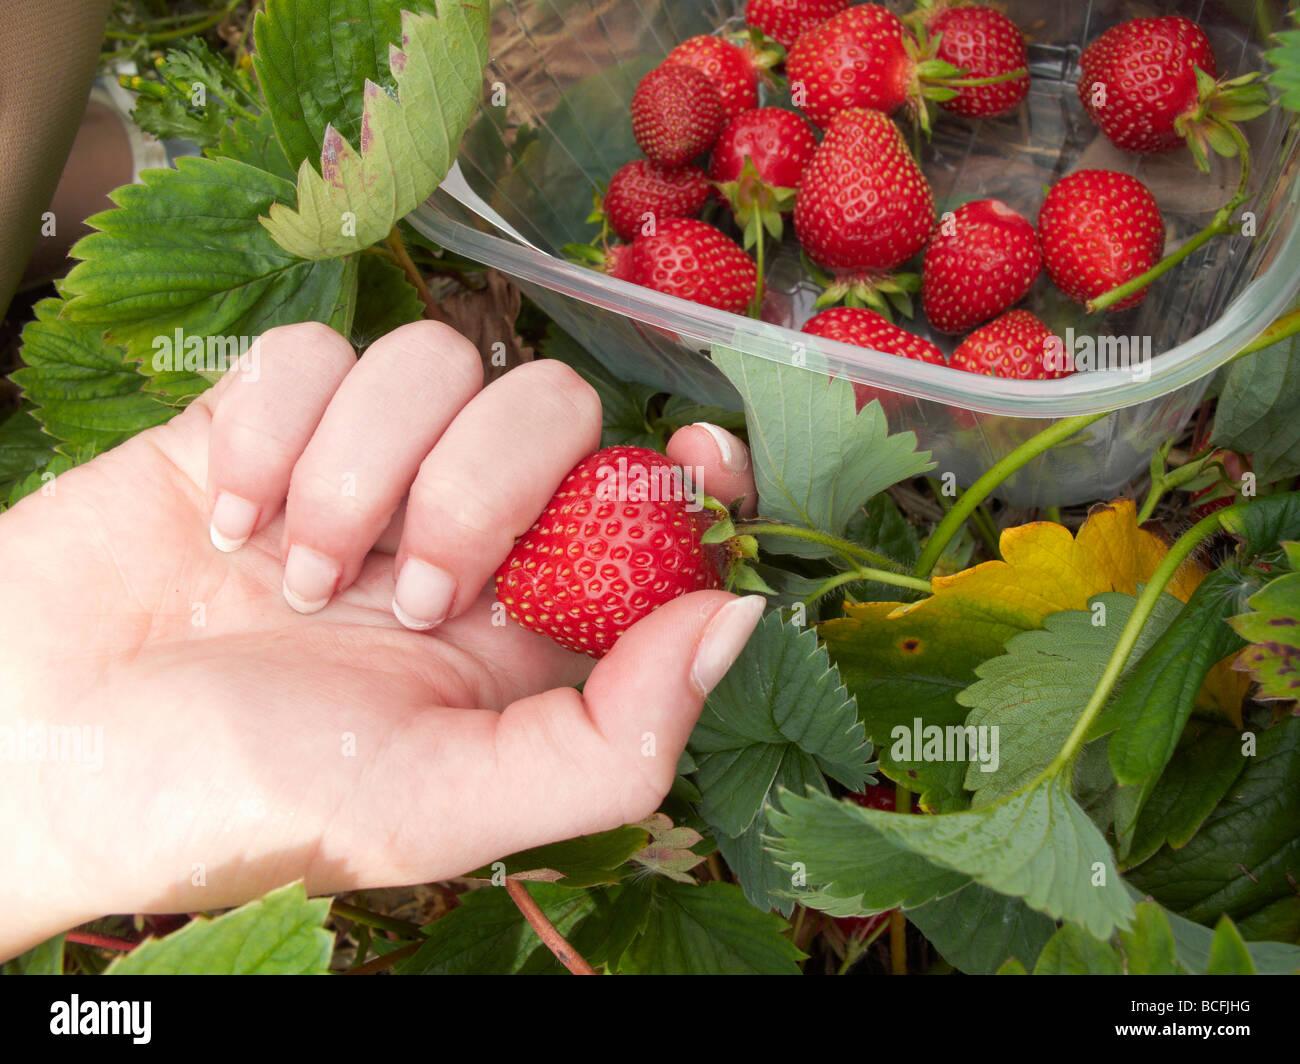 Close up of hand holding a stawberry par un conteneur Banque D'Images